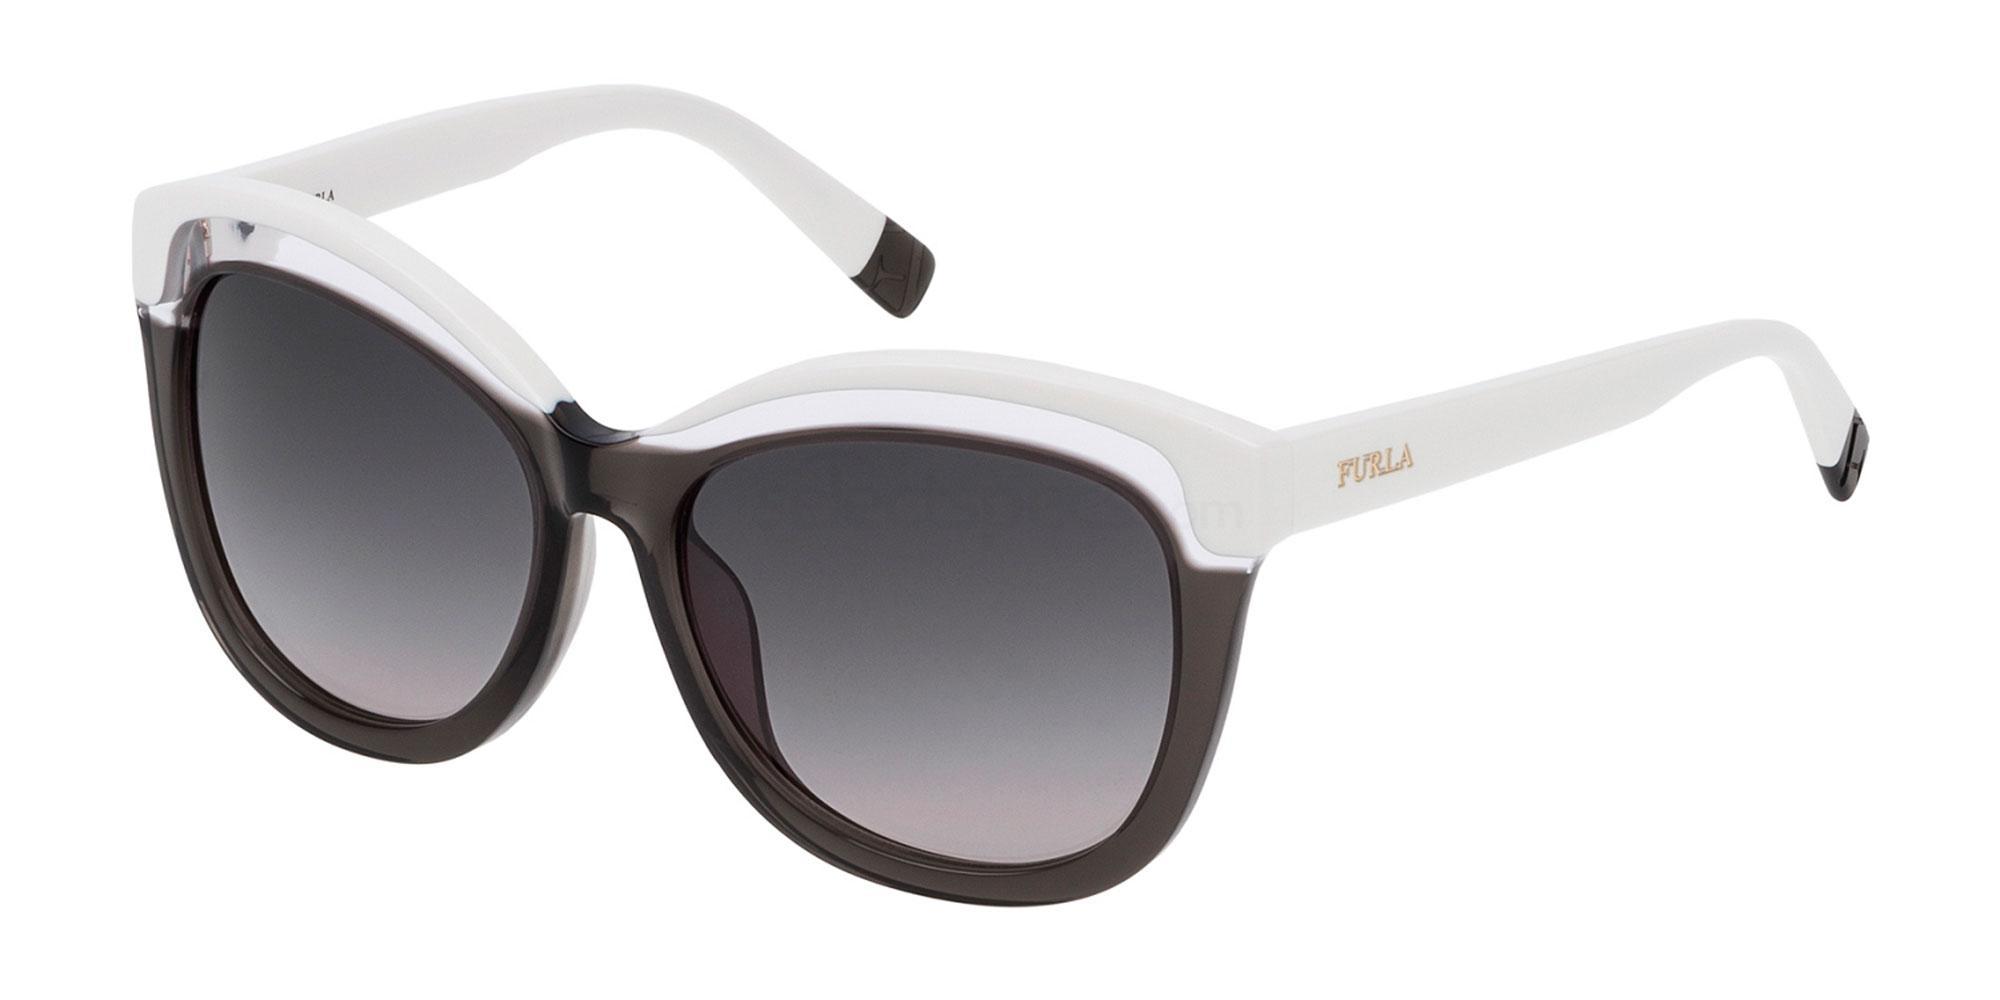 03GF SU4957 Sunglasses, Furla